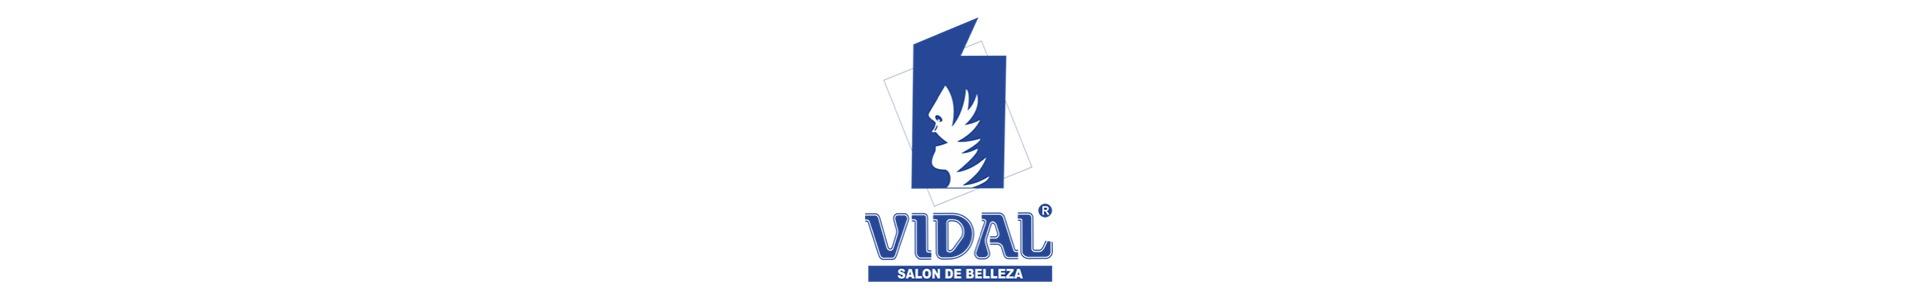 banner-Vidal